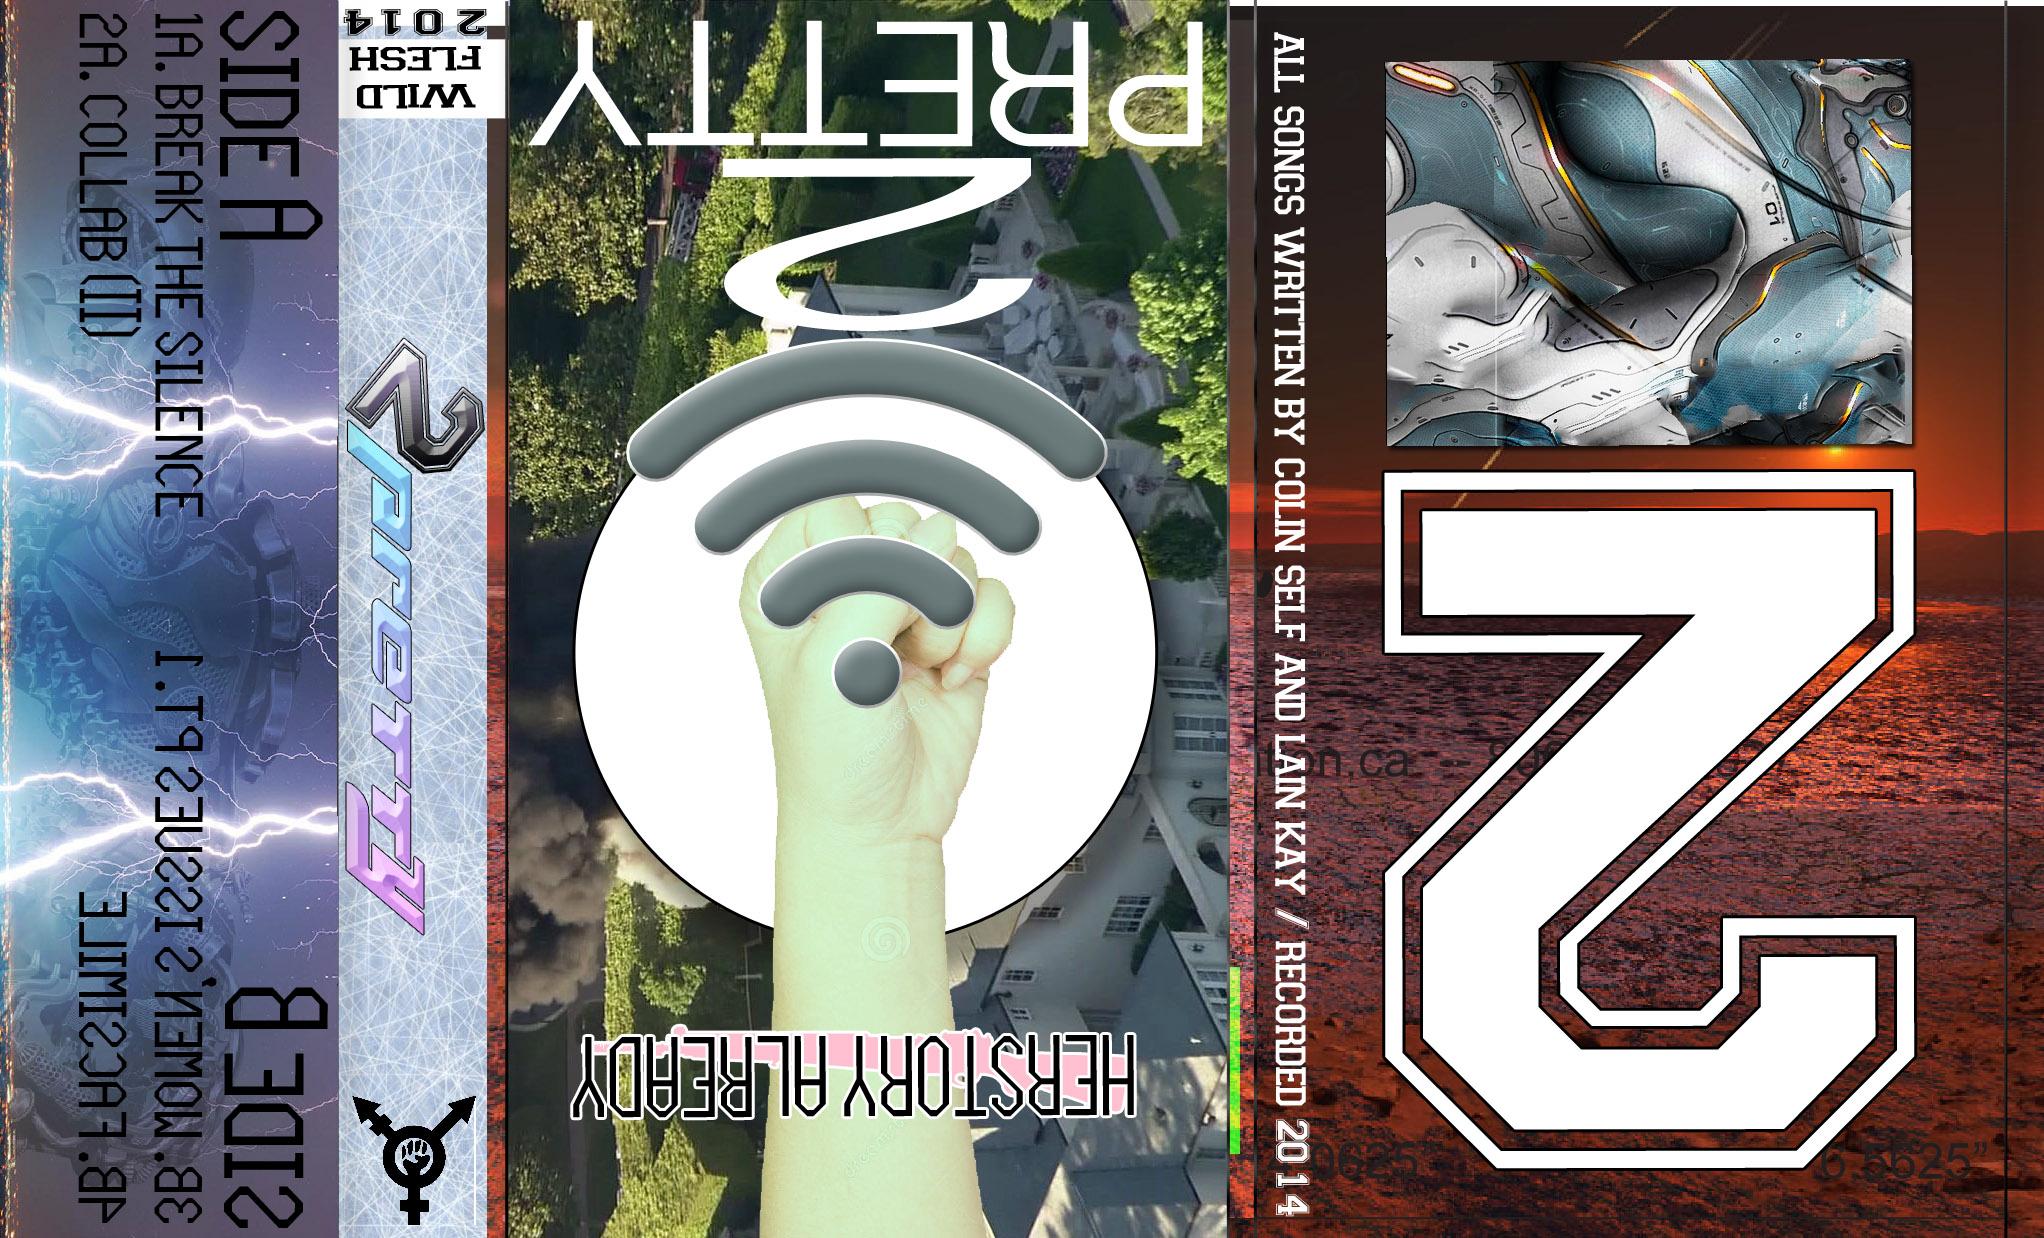 2pretty album cover 1